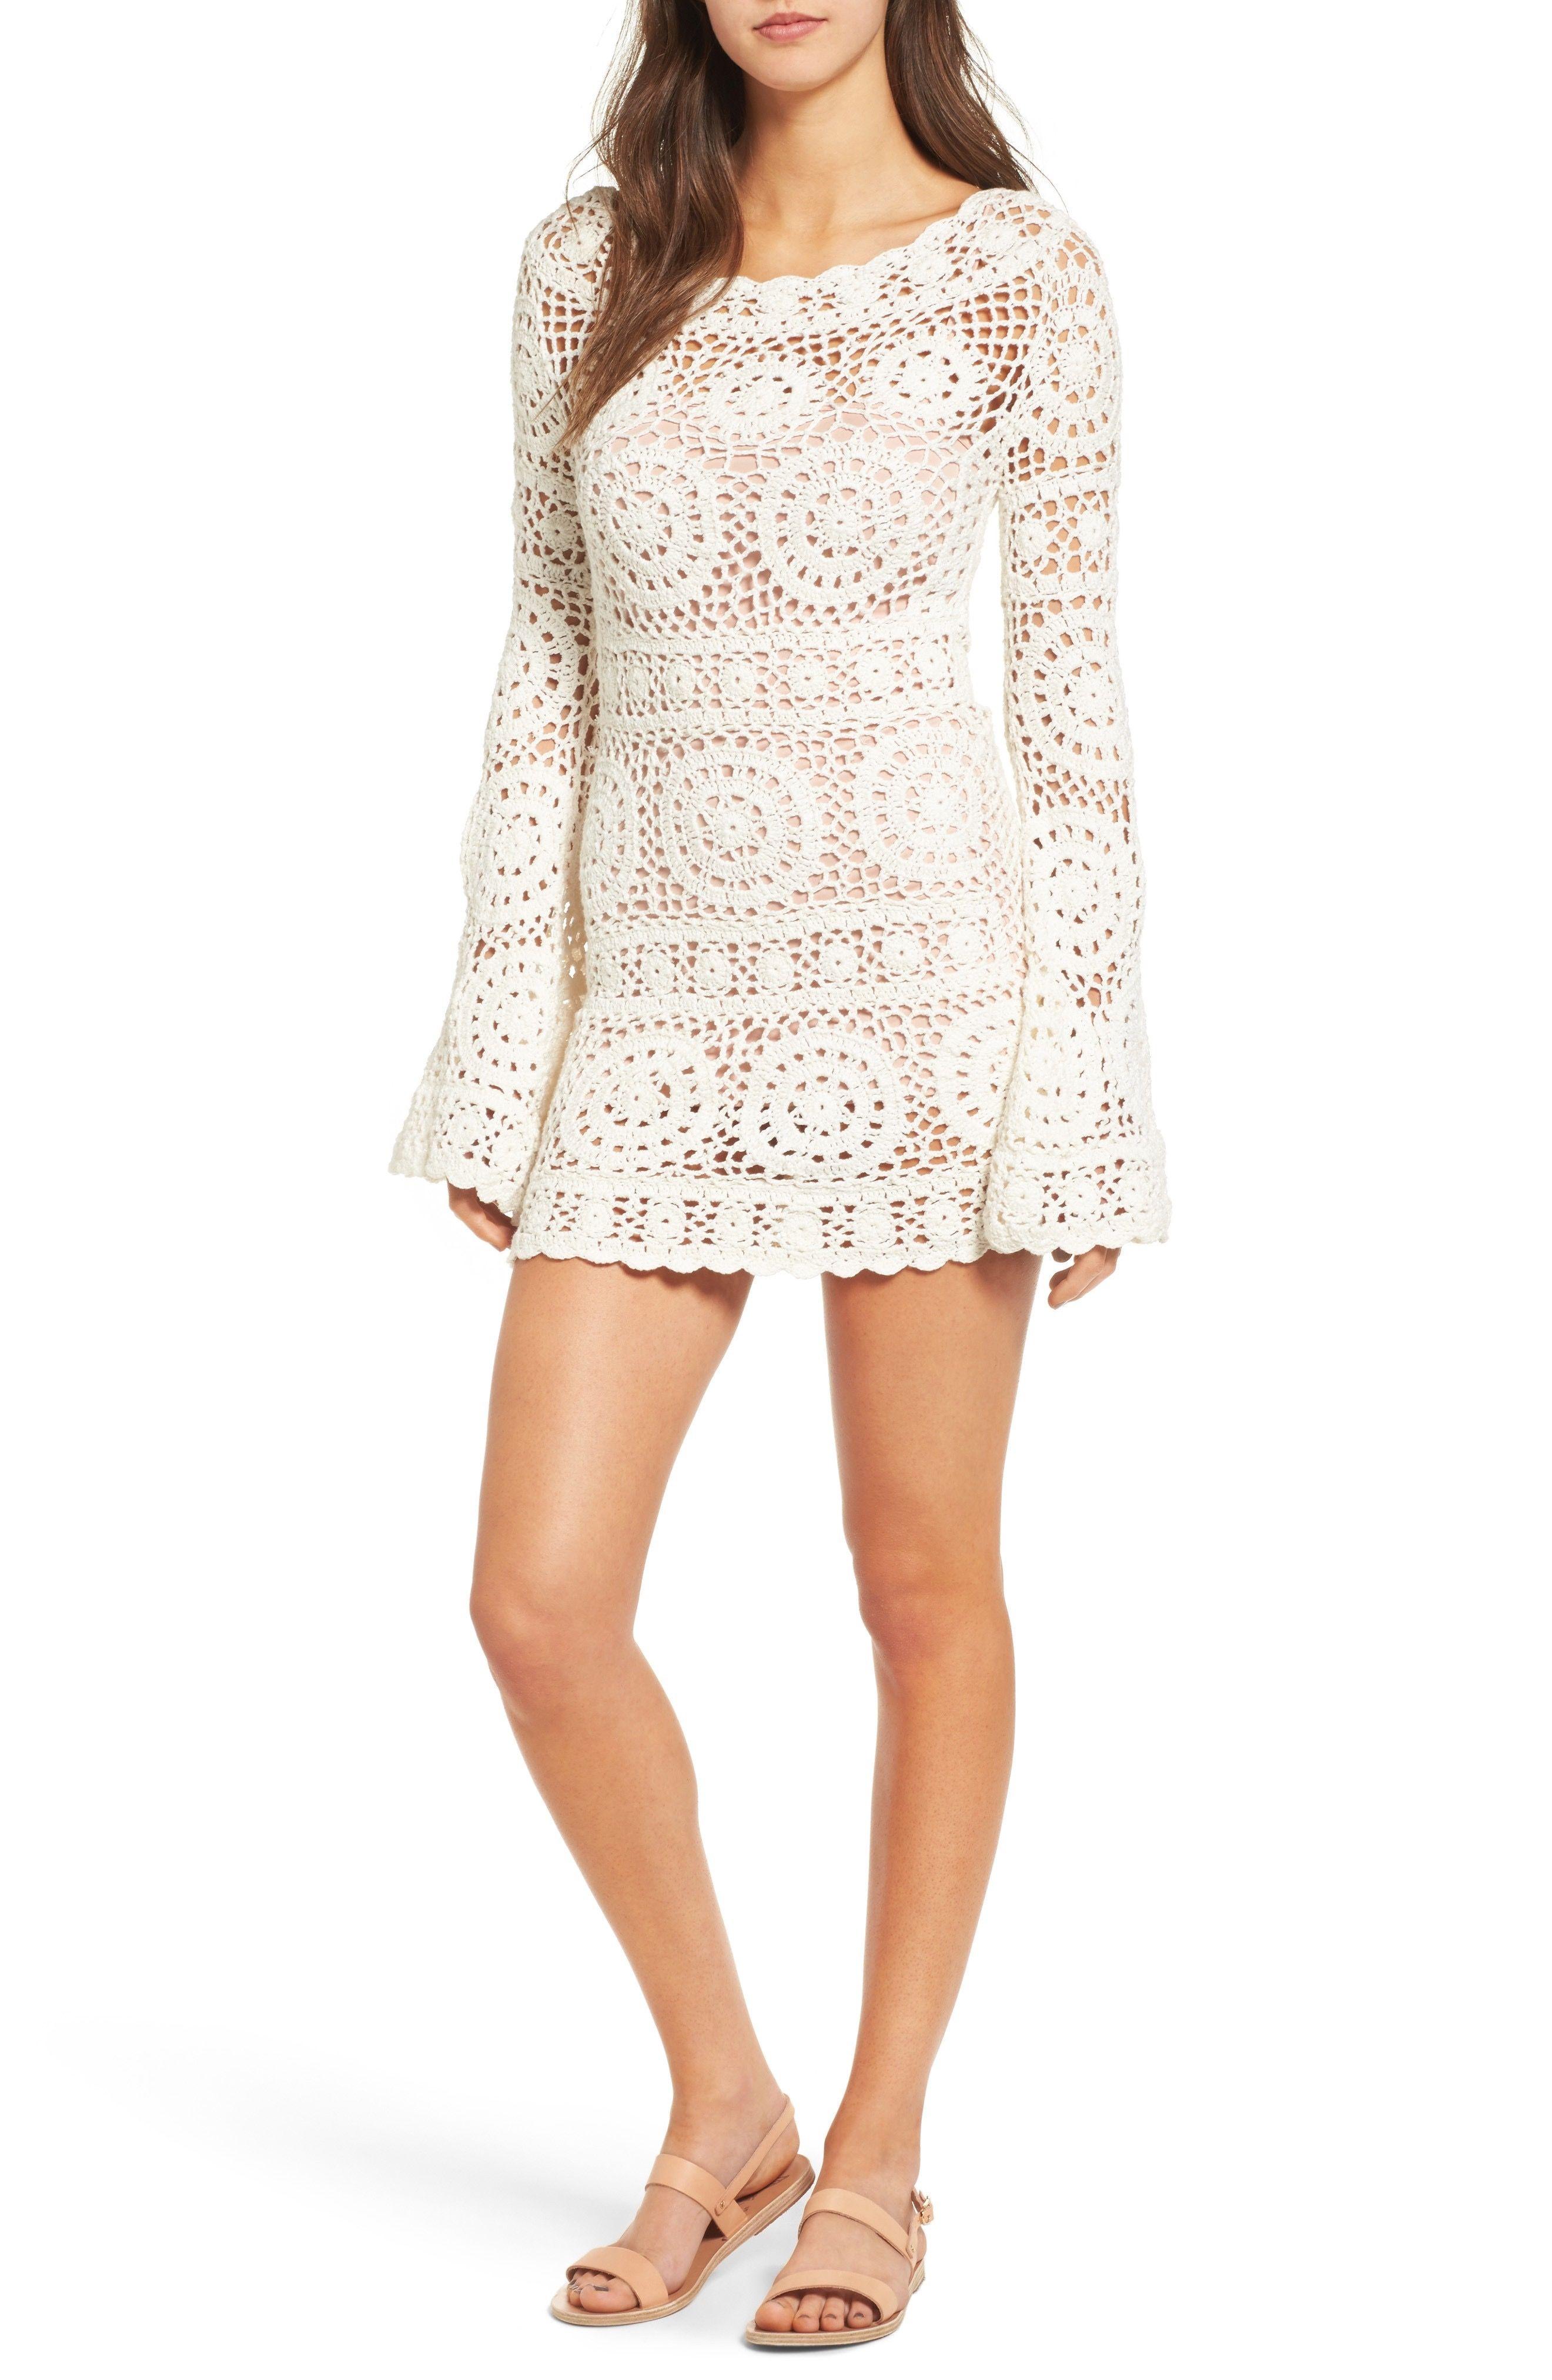 Majorelle Harvest Crochet Minidress Crochet Short Dresses Boho Mini Dress White Boho Dress